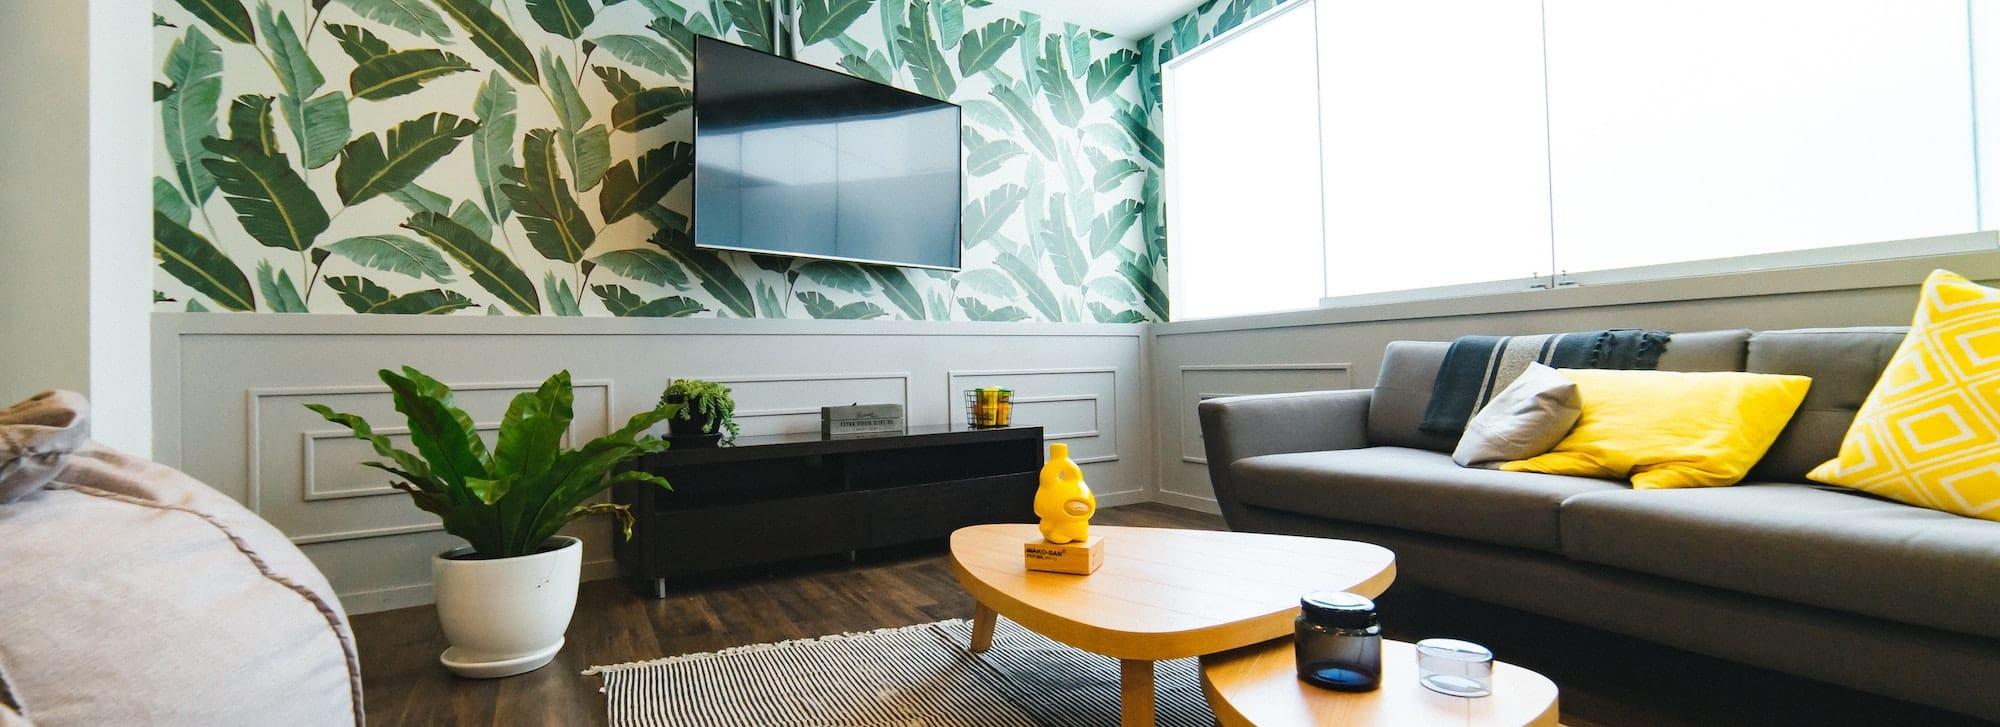 5 Interior Design Trends In 2020